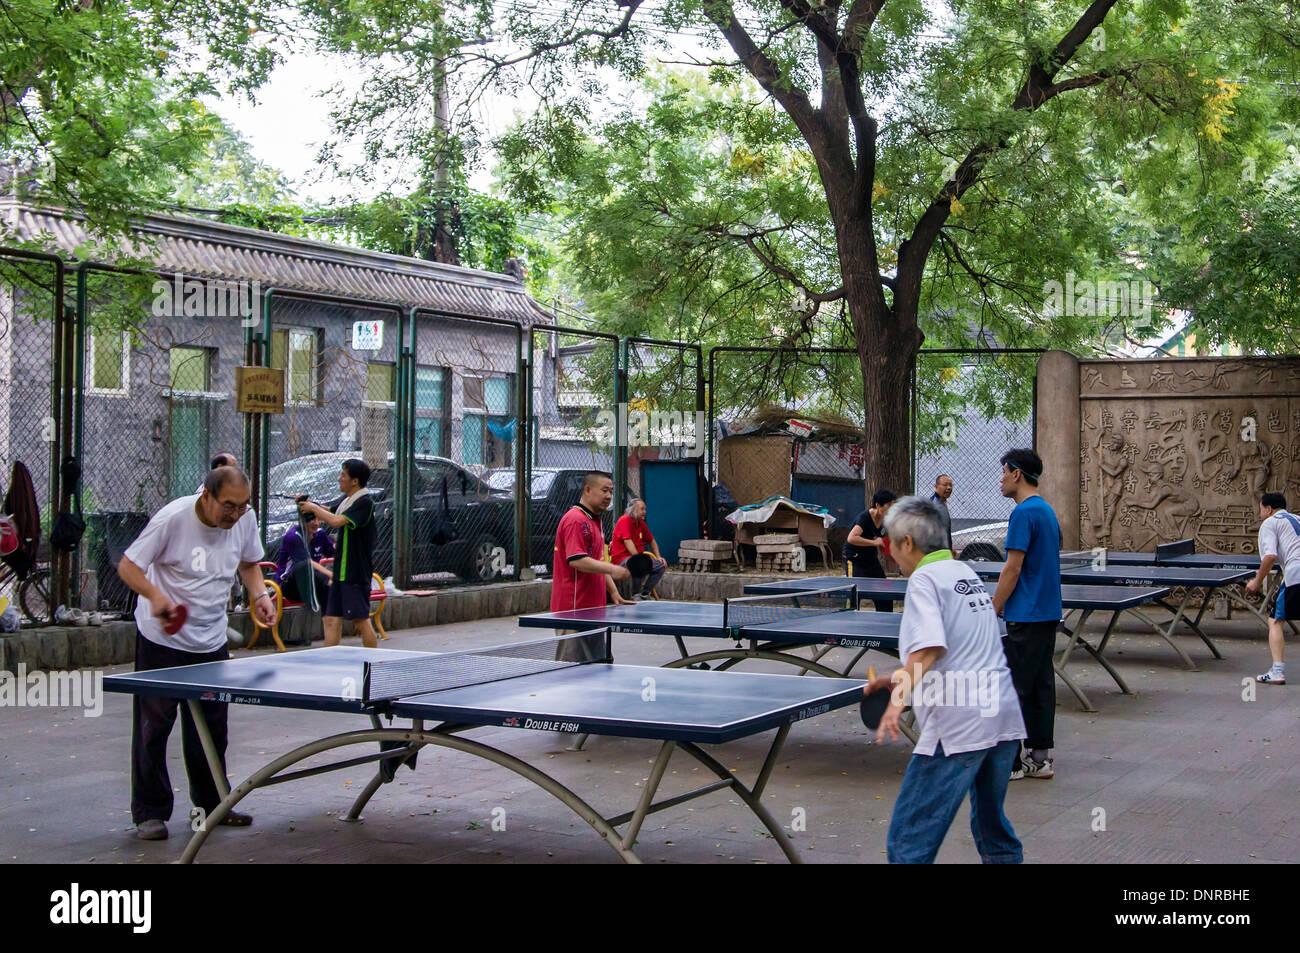 Persone che giocano a Ping pong in un parco, Pechino, Cina Immagini Stock